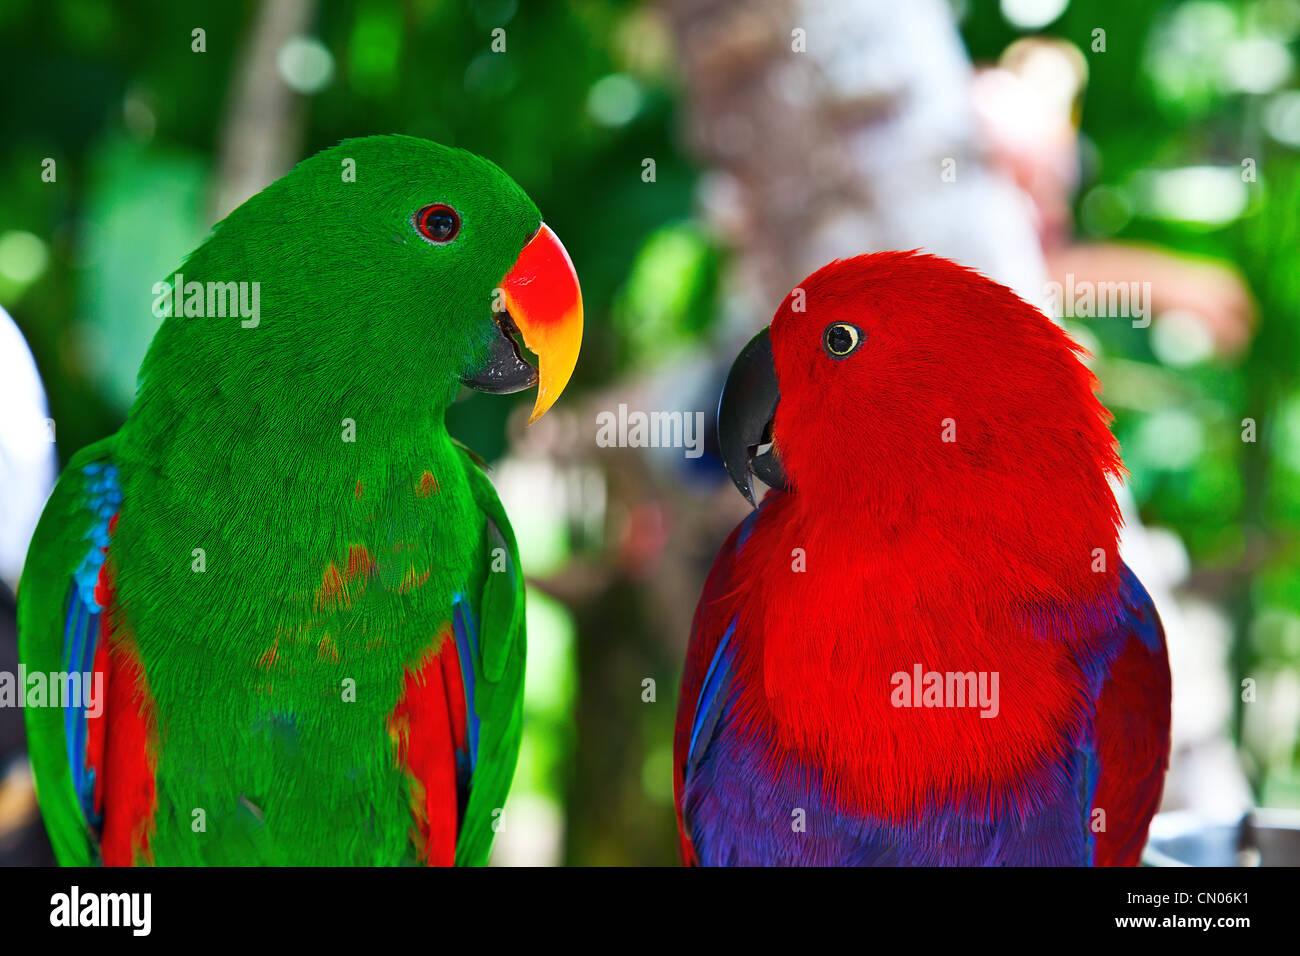 Uccelli in amore: Coppia di lori pappagalli sull'albero Immagini Stock